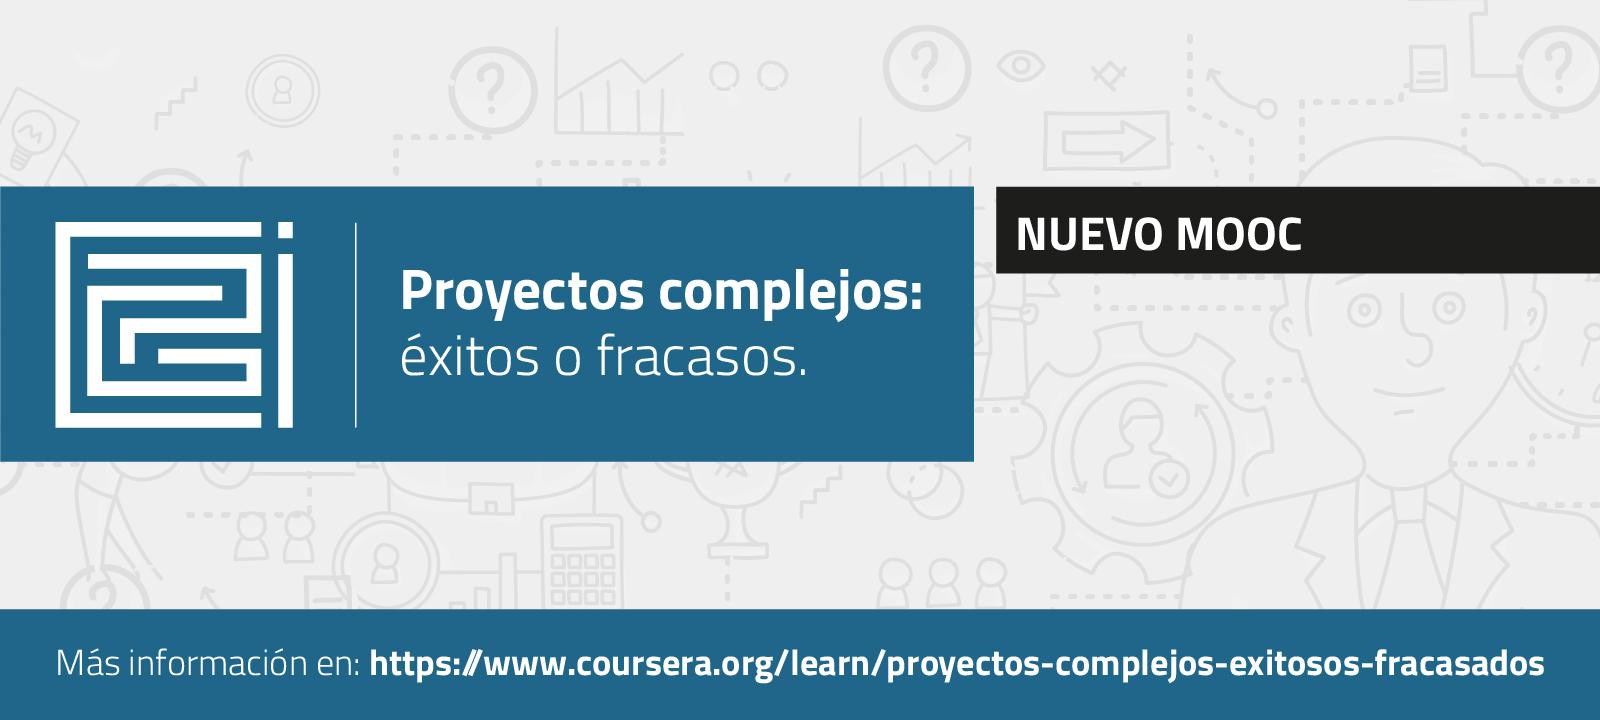 Nuevo MOOC: Proyectos complejos: éxitos o fracasos